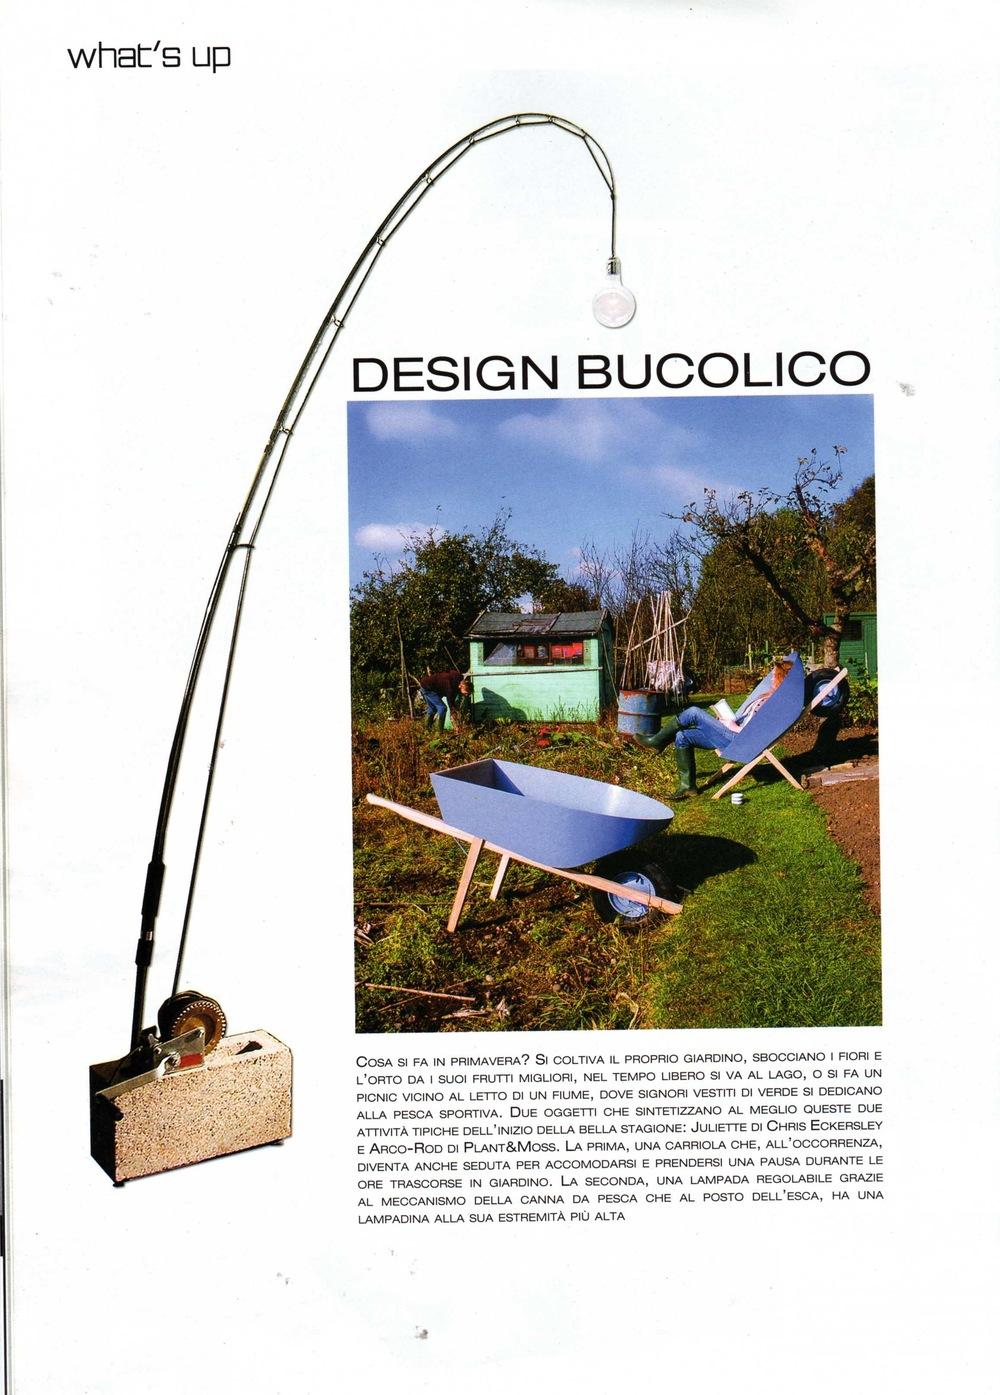 Publication: CasaD, April/May 2010